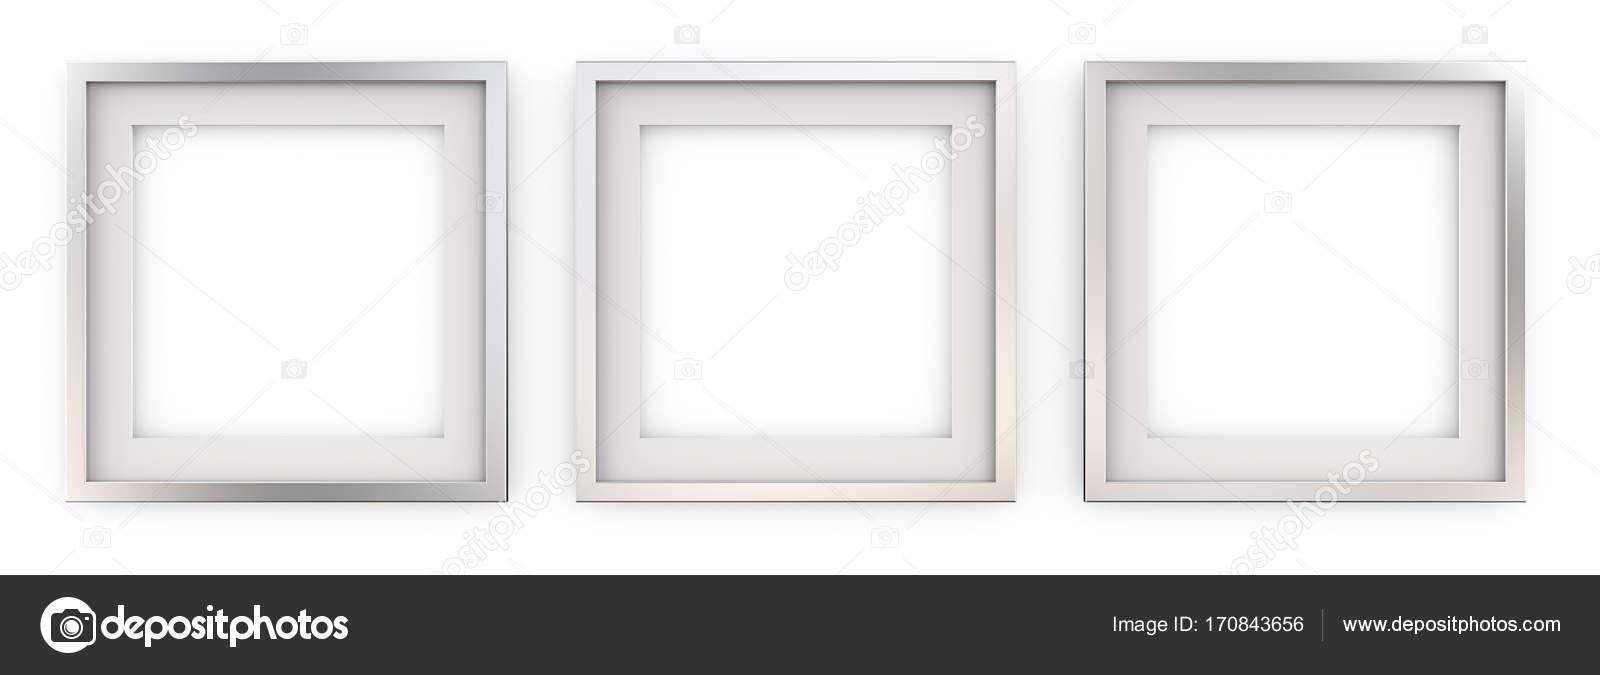 3 quadratische Bilderrahmen aus Metall — Stockfoto © JohanH #170843656